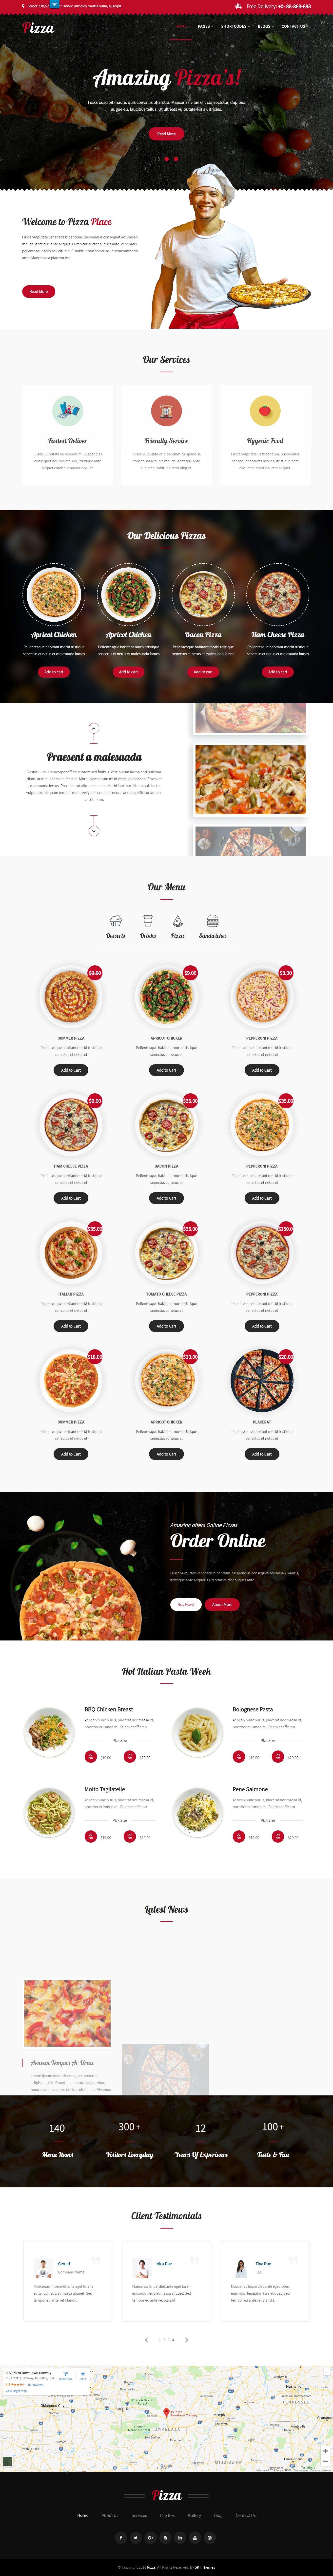 pizzaordering best free bar pub wordpress theme - 10+ Best Free Bar and Pub WordPress Themes